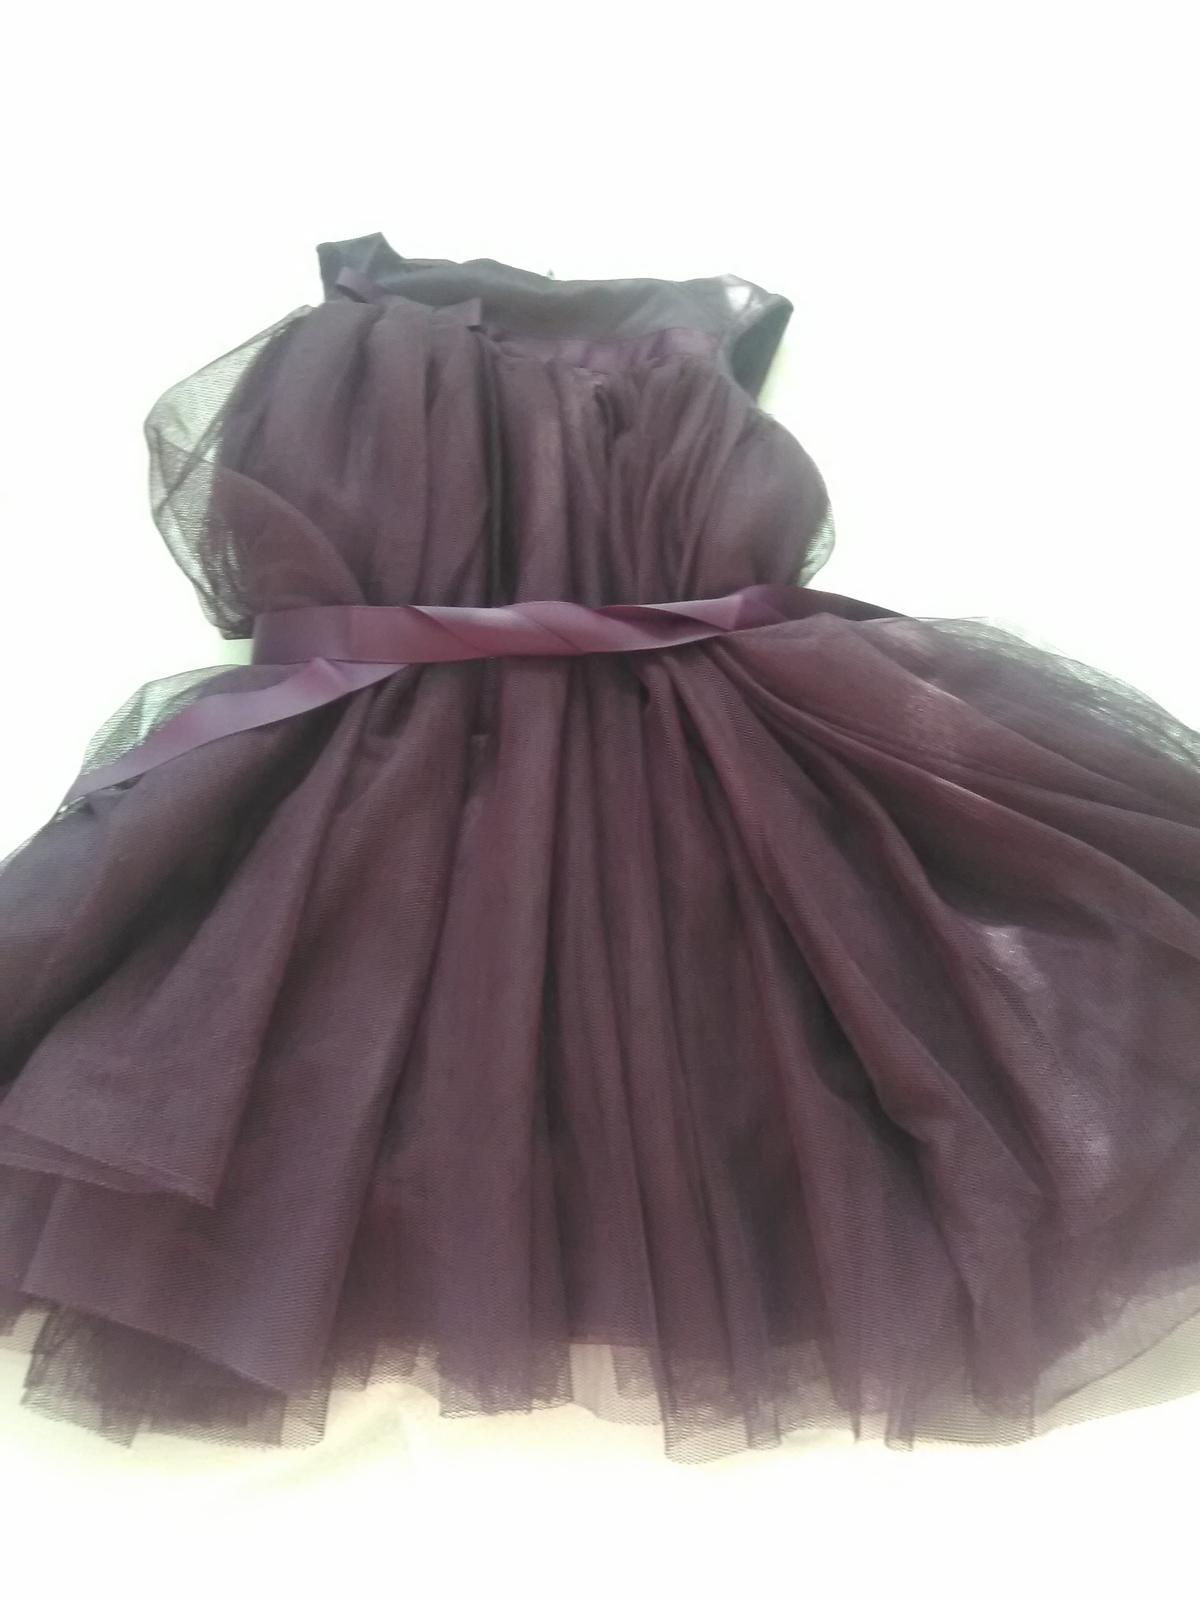 Šaty Pomp de lu - Obrázek č. 1